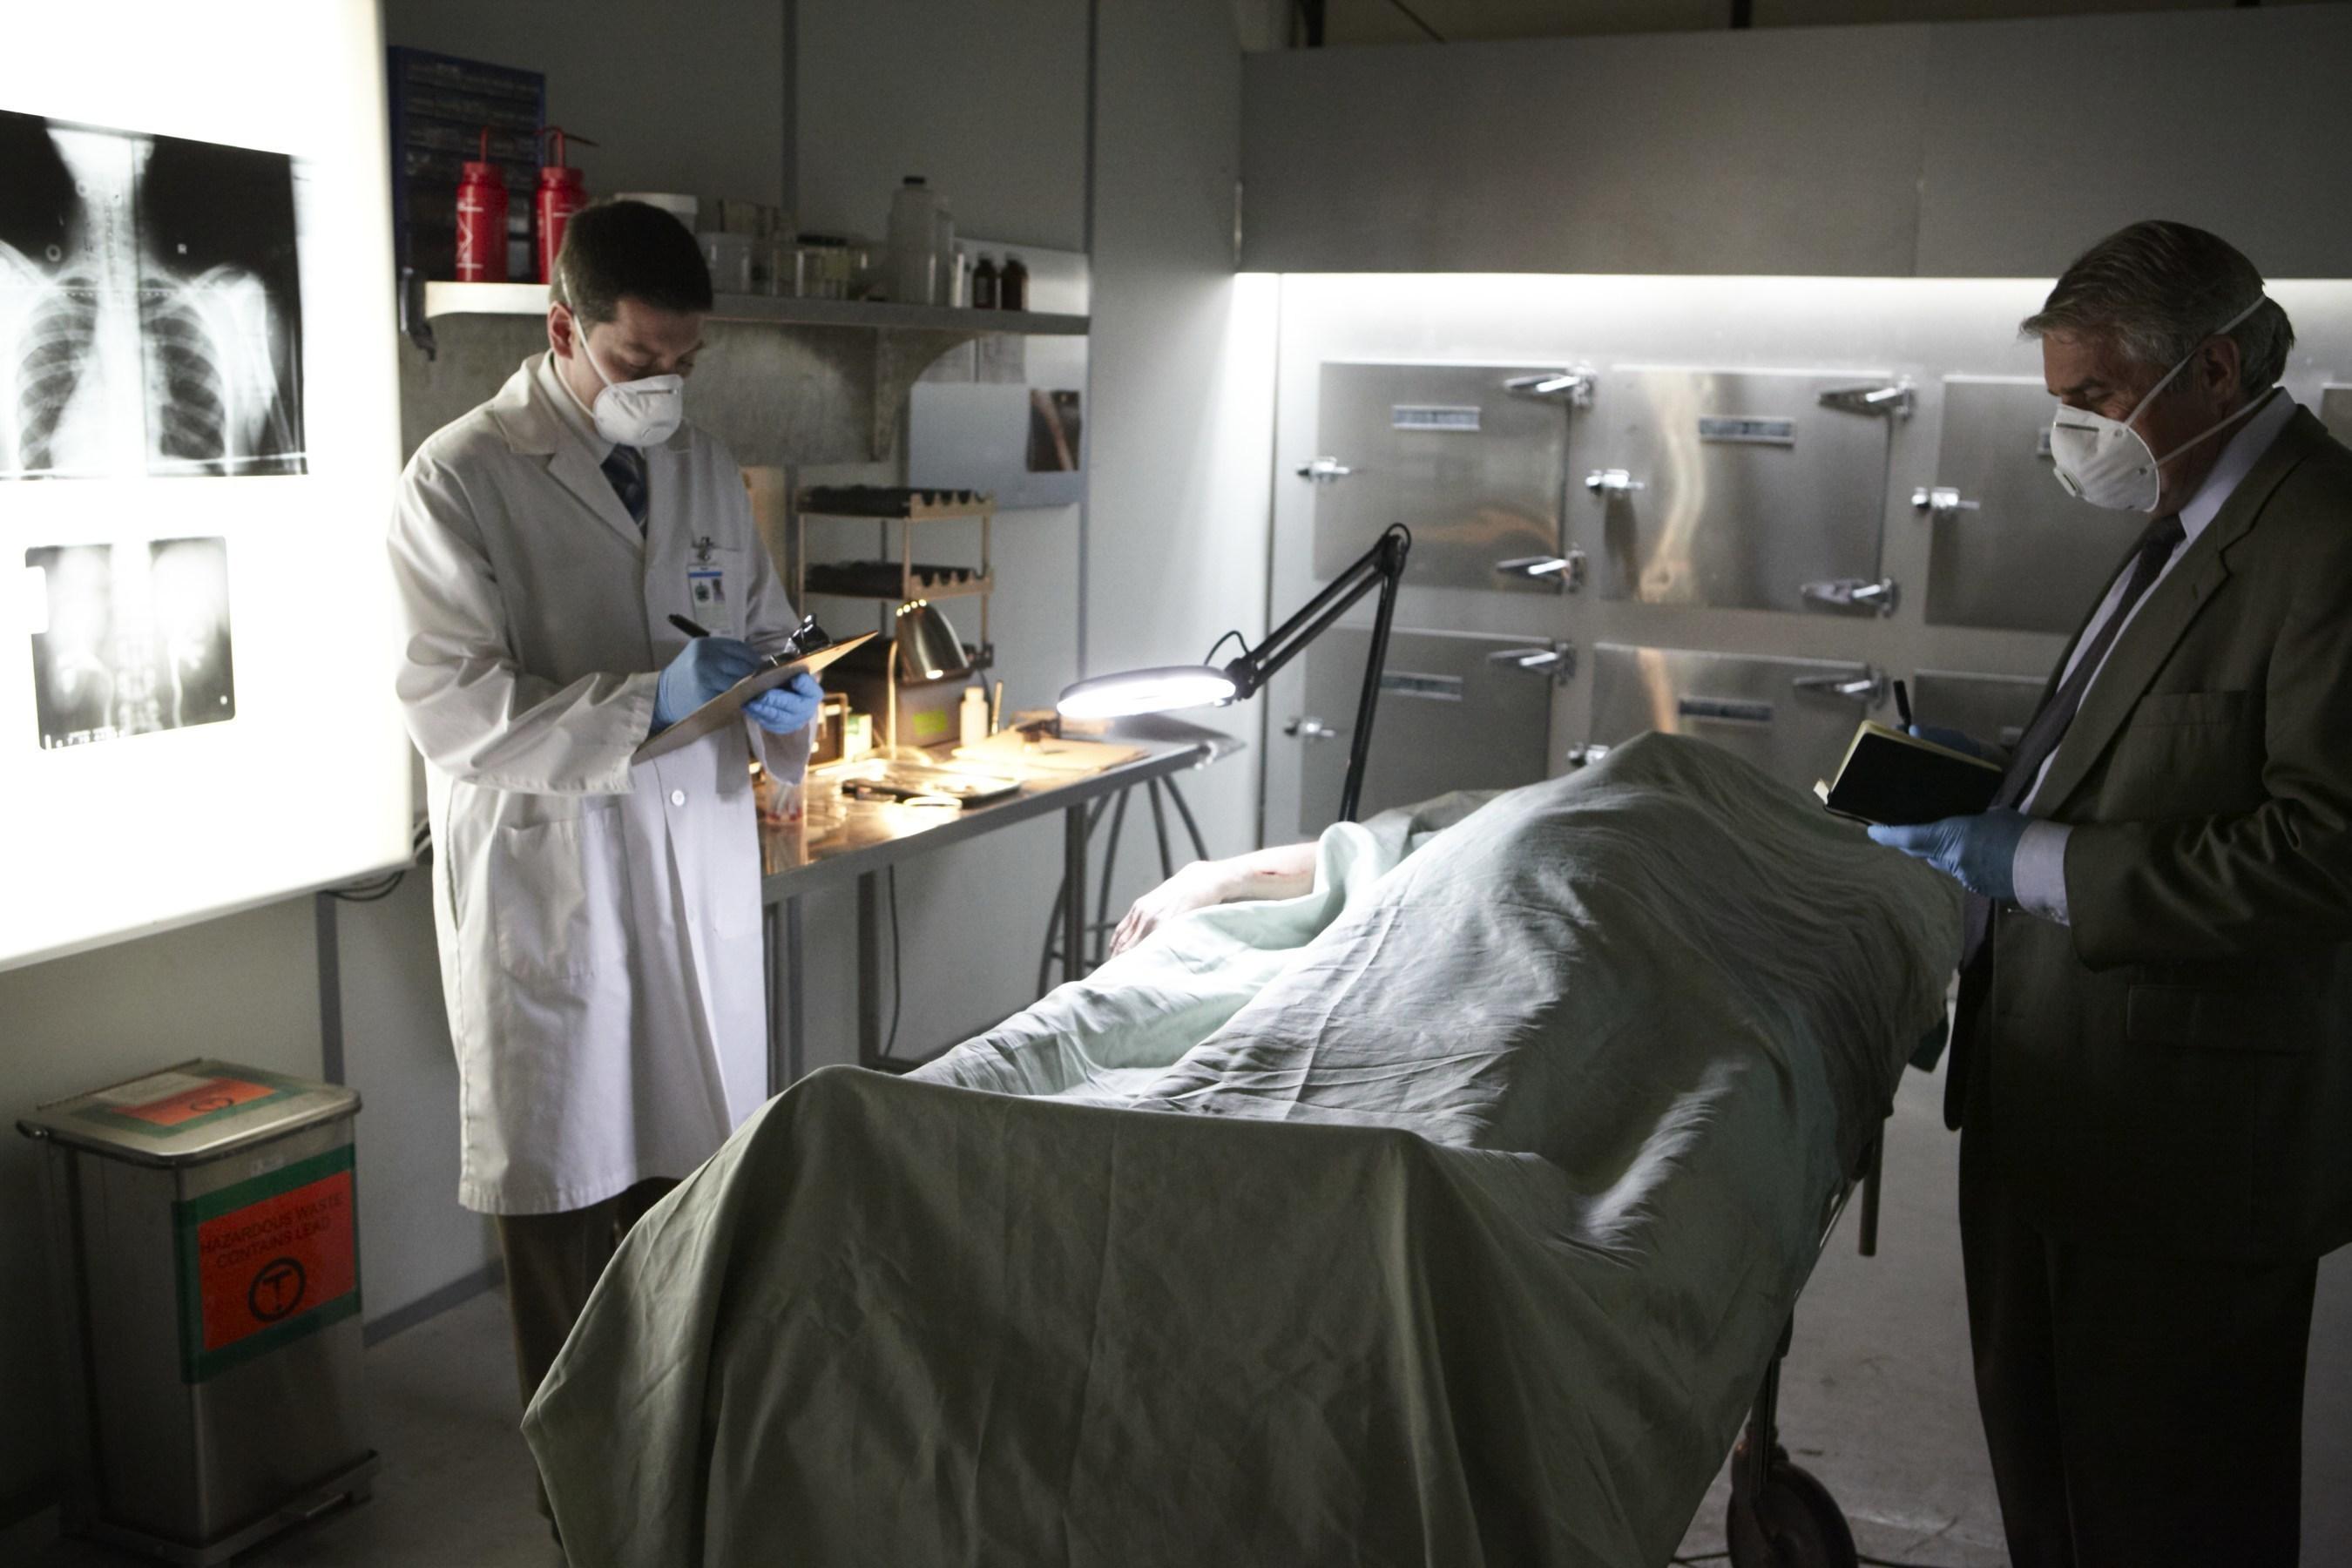 Una autopsia es llevada a cabo en la morgue. Autopsias de Hollywood, estreno 27 de noviembre en Discovery en Espanol.